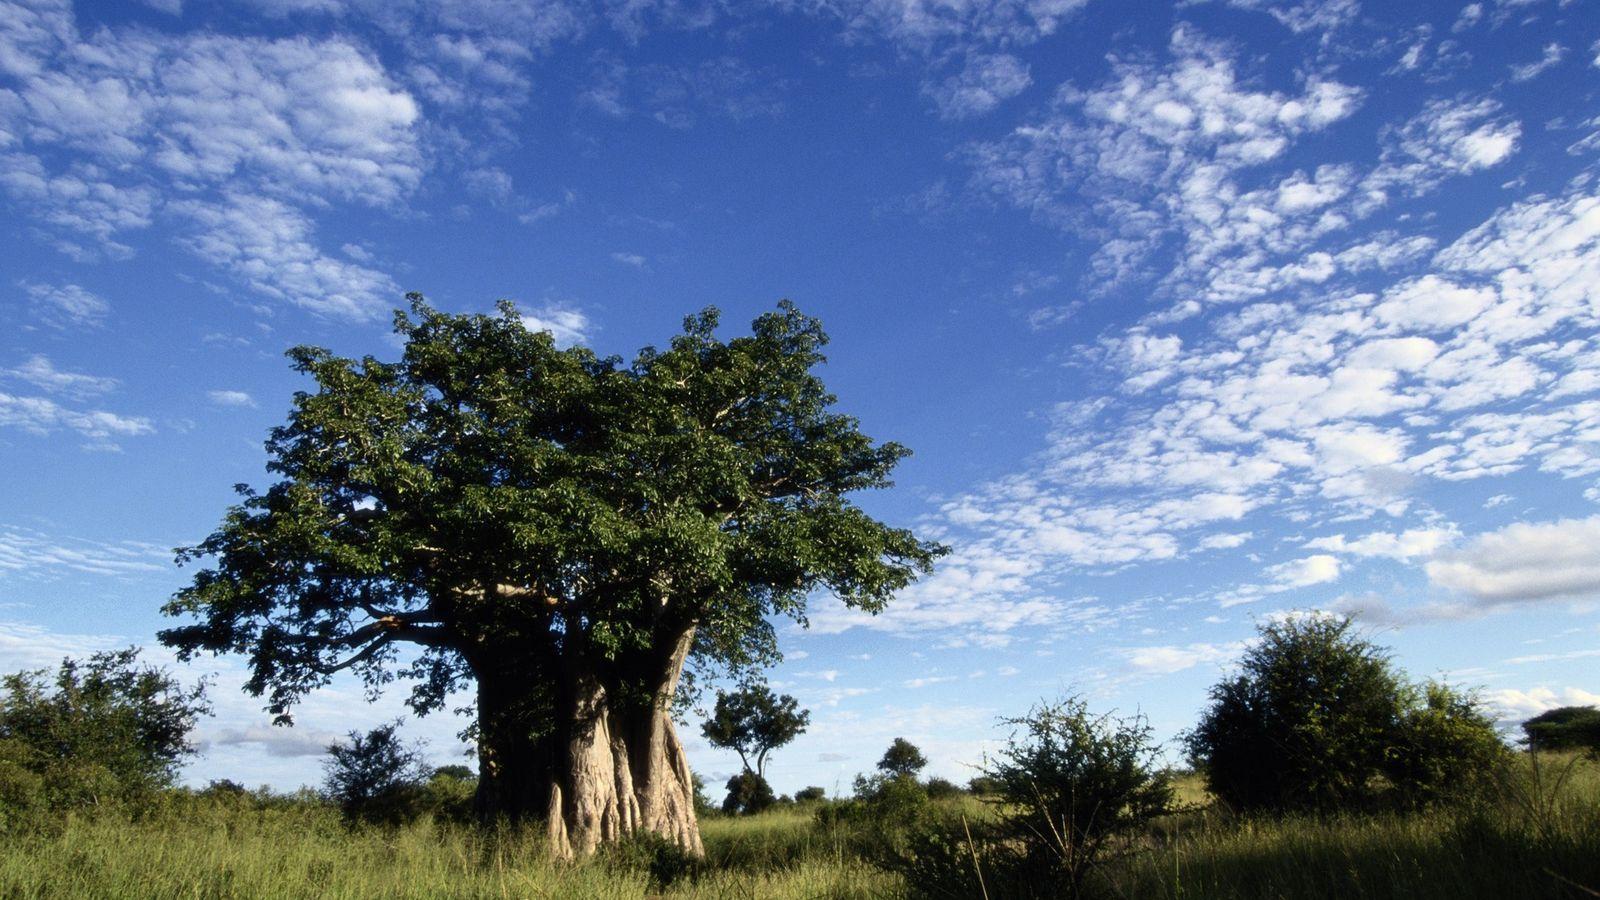 Un enorme baobab domina el paisaje de la sabana del Parque Nacional de Kruger, en Sudáfrica.